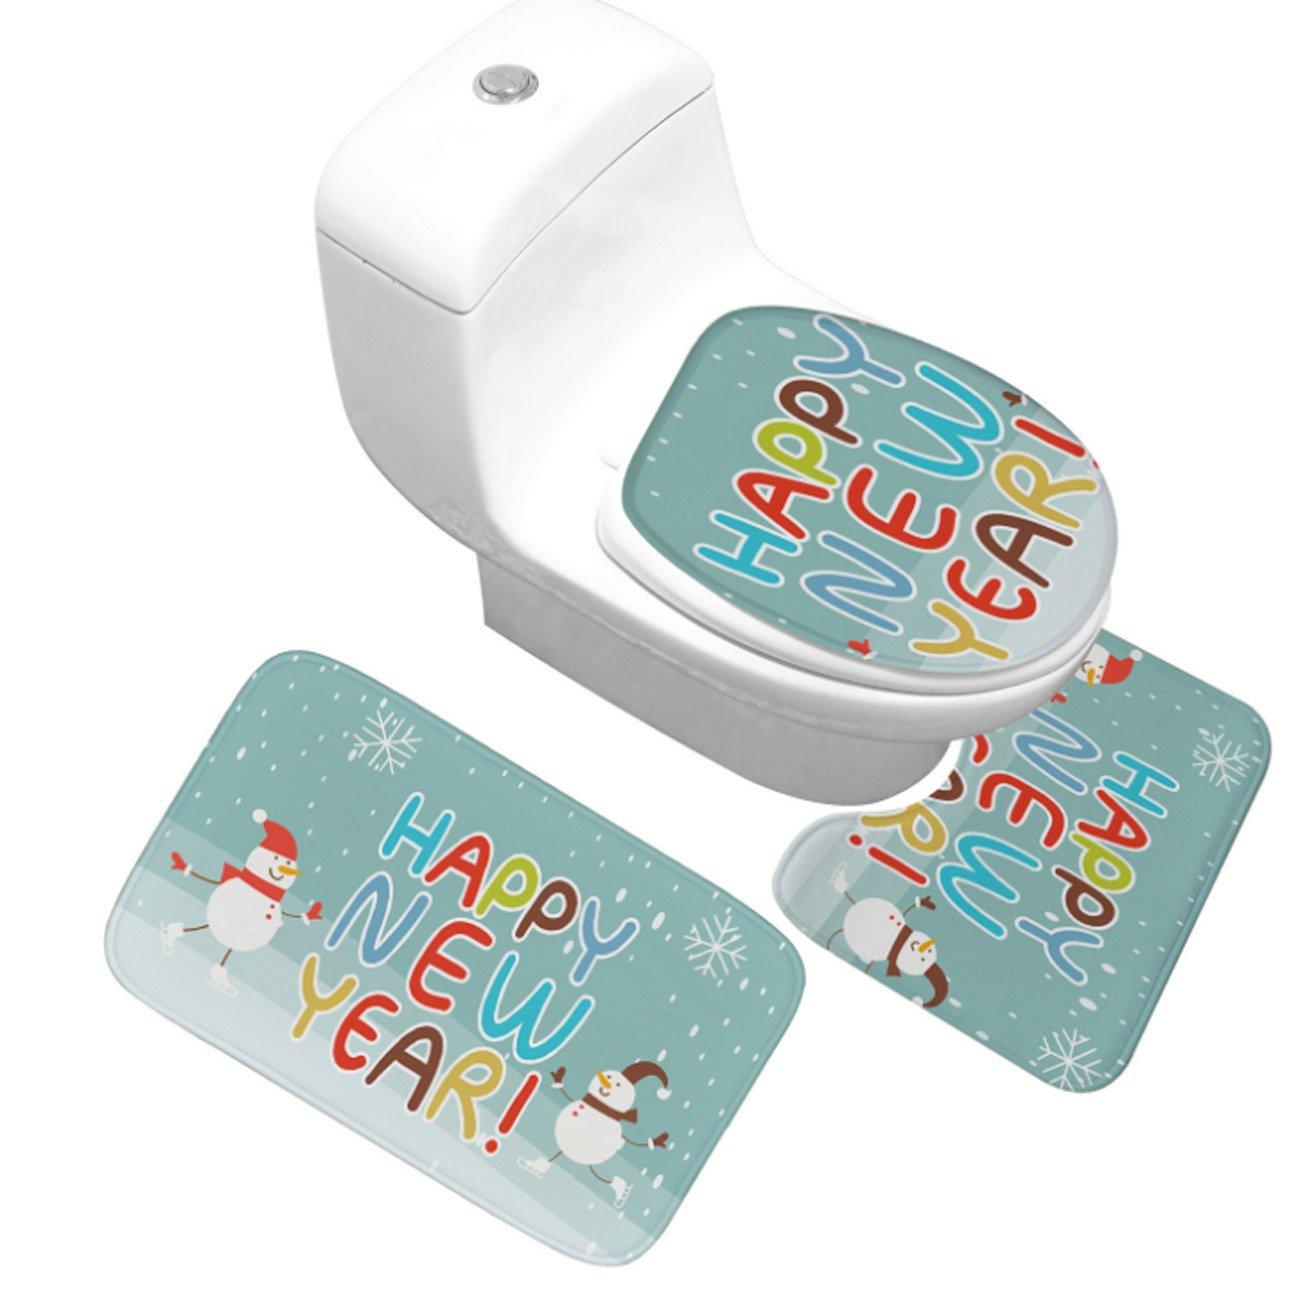 Waschraum-Zubehör 3 Stück Weihnachten Stil Rutschfeste Badematte Set, Set, Set, 3 STÜCKE Weihnachten Badezimmer Sockel Teppich + Deckel Toilettendeckel + Badematte Set Familiennutzung ( Farbe   B , Größe   S ) B07H99LTXC Duschmatten 50d513